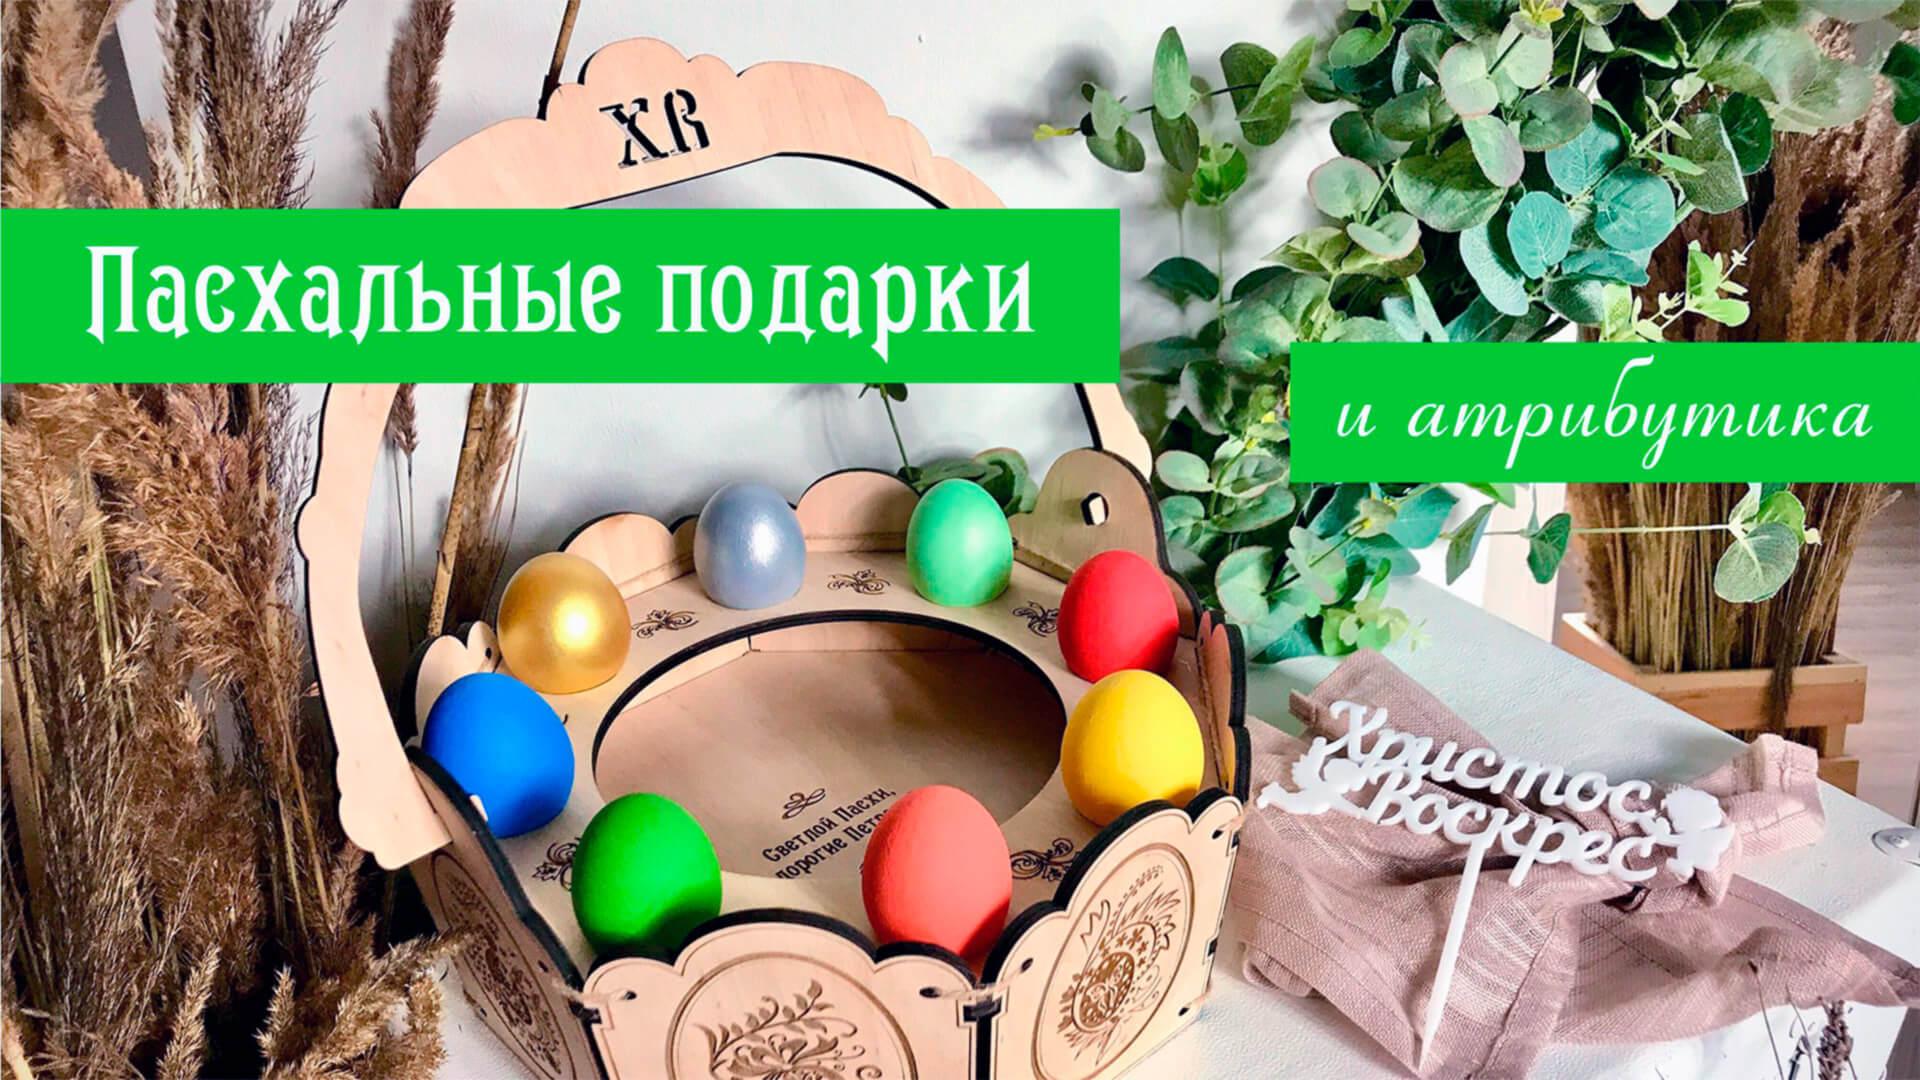 пасхальные подарки и атрибутика купить недорого